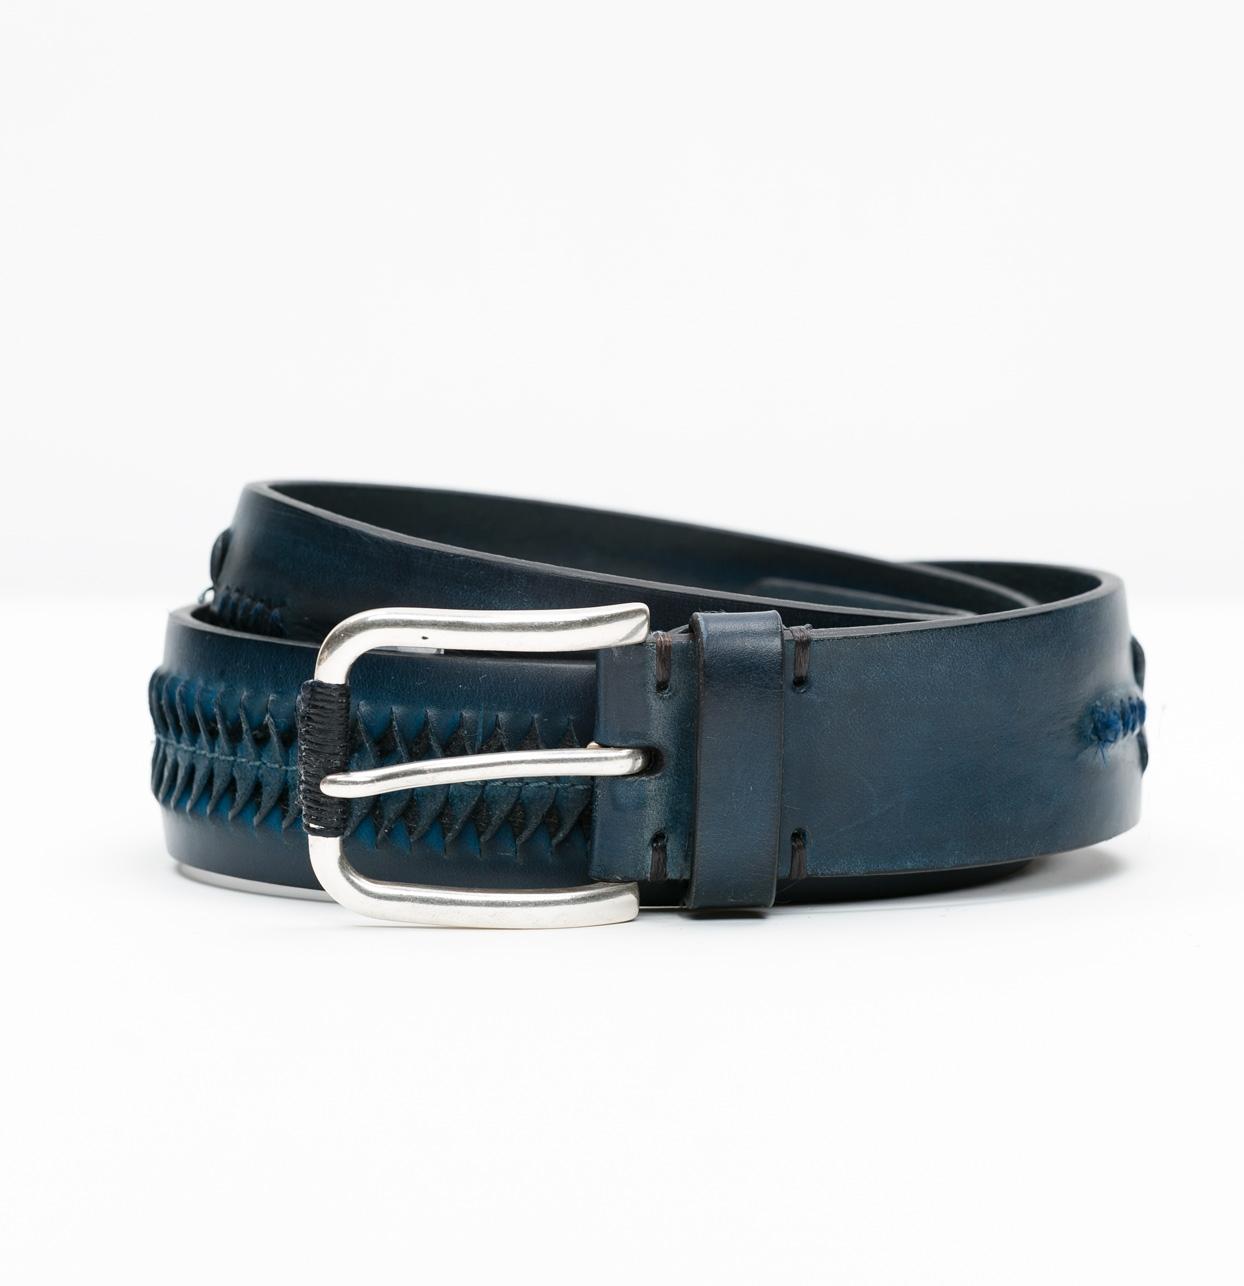 Cinturón Sport con dibujo en relieve color azul, 100% Piel.